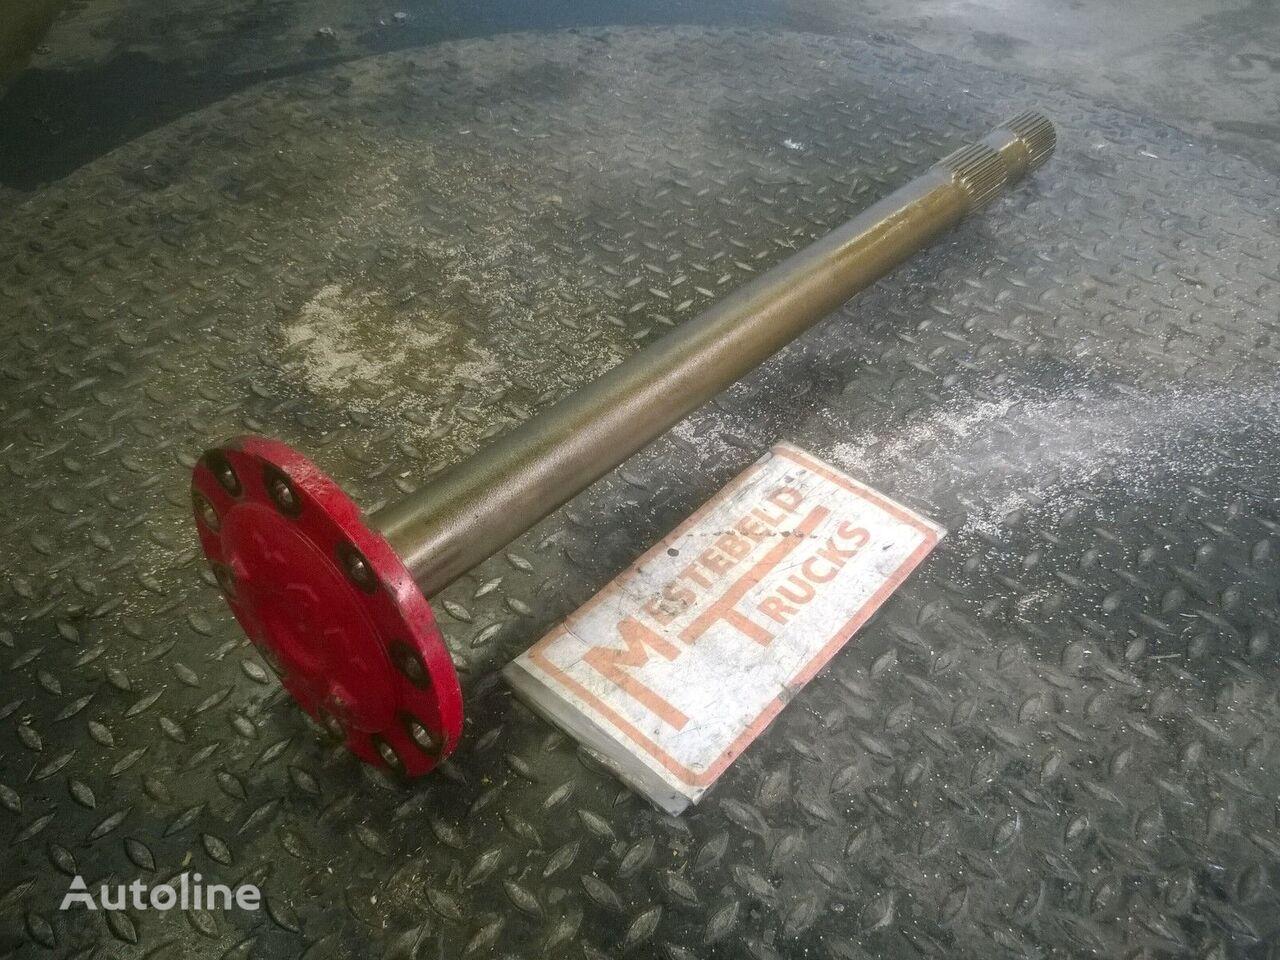 frizione MAN Steekas met sper HYD 1370-04 per trattore stradale MAN Steekas met sper HYD 1370-04